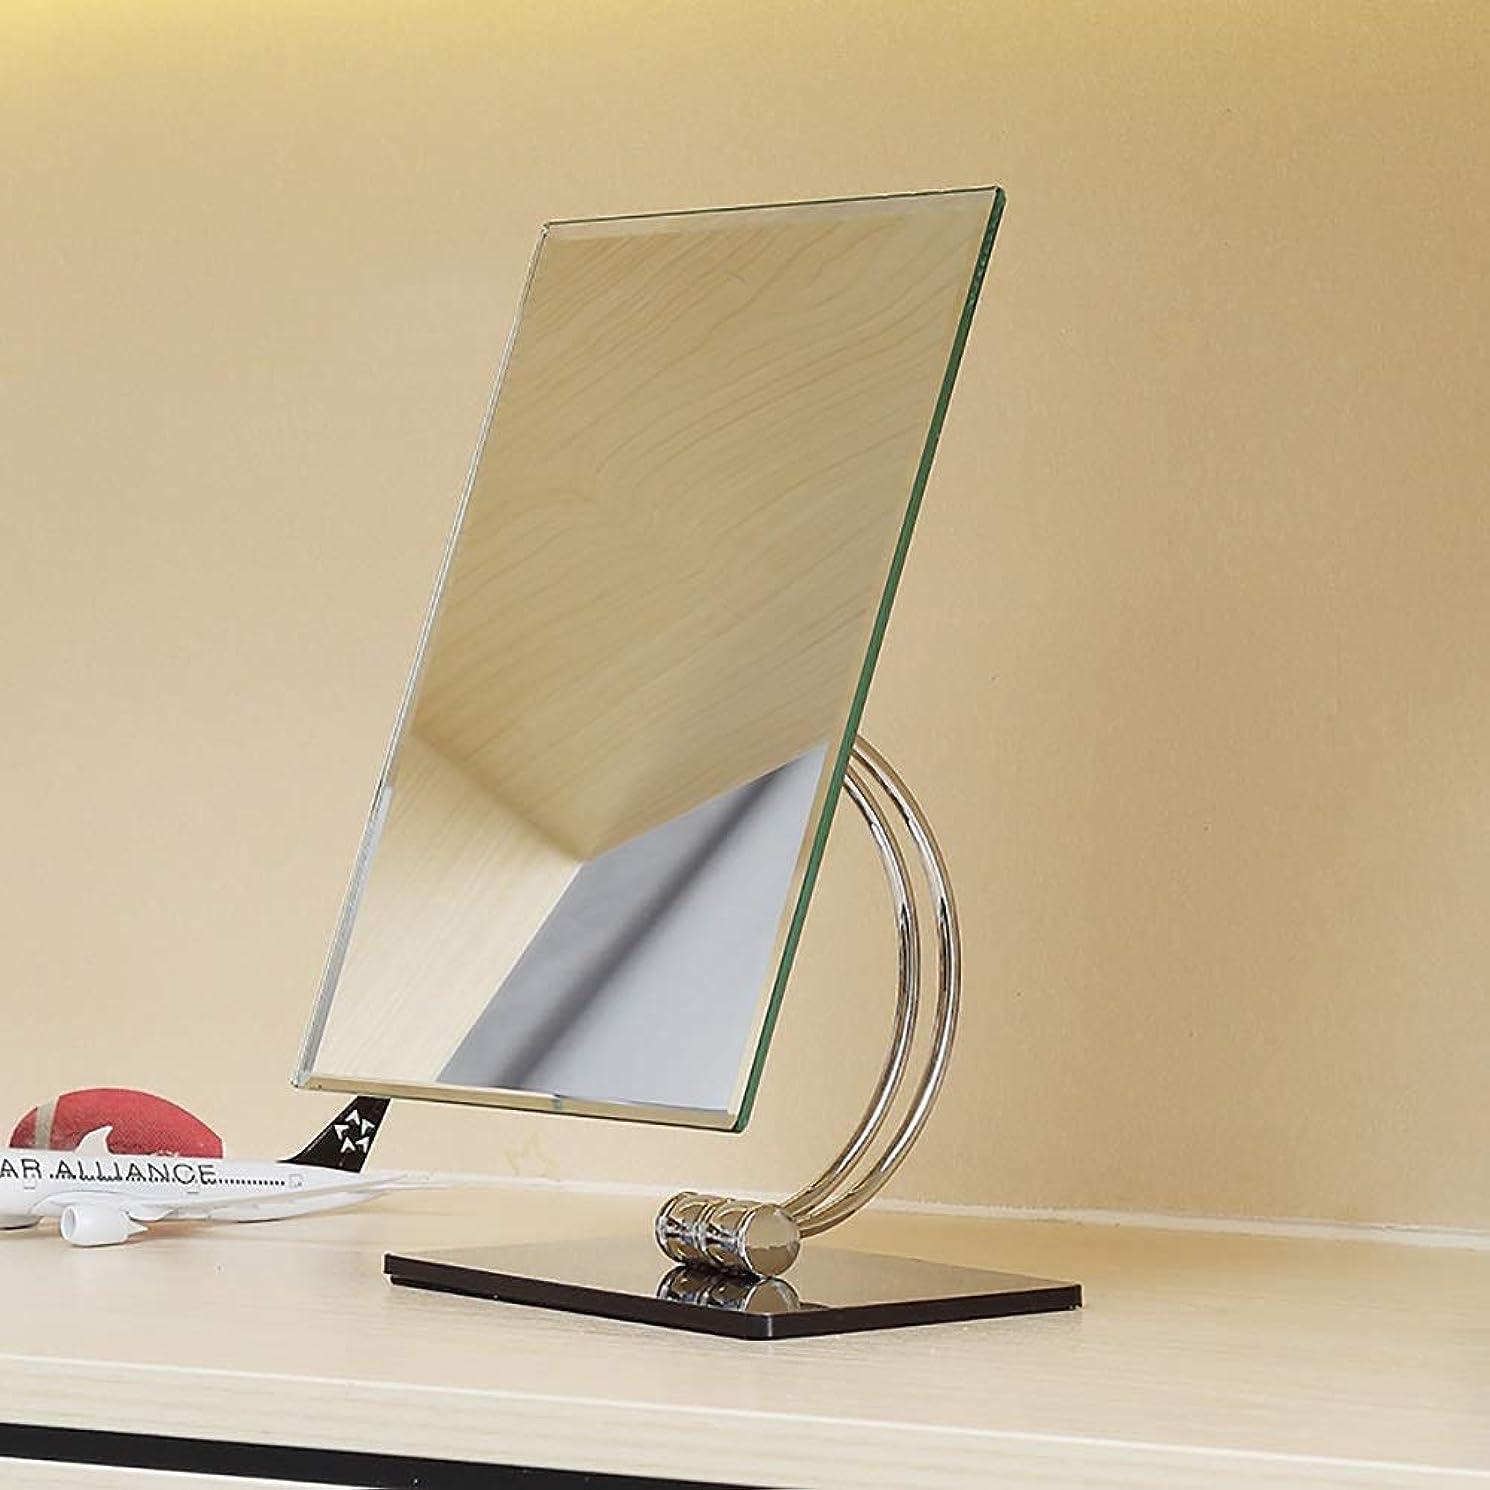 ミスペンド冷酷な議題流行の スクエア片面HDステンレススチールシルバーミラー+ ABSプラスチックシェル化粧鏡ホームバニティミラーカウンターミラー